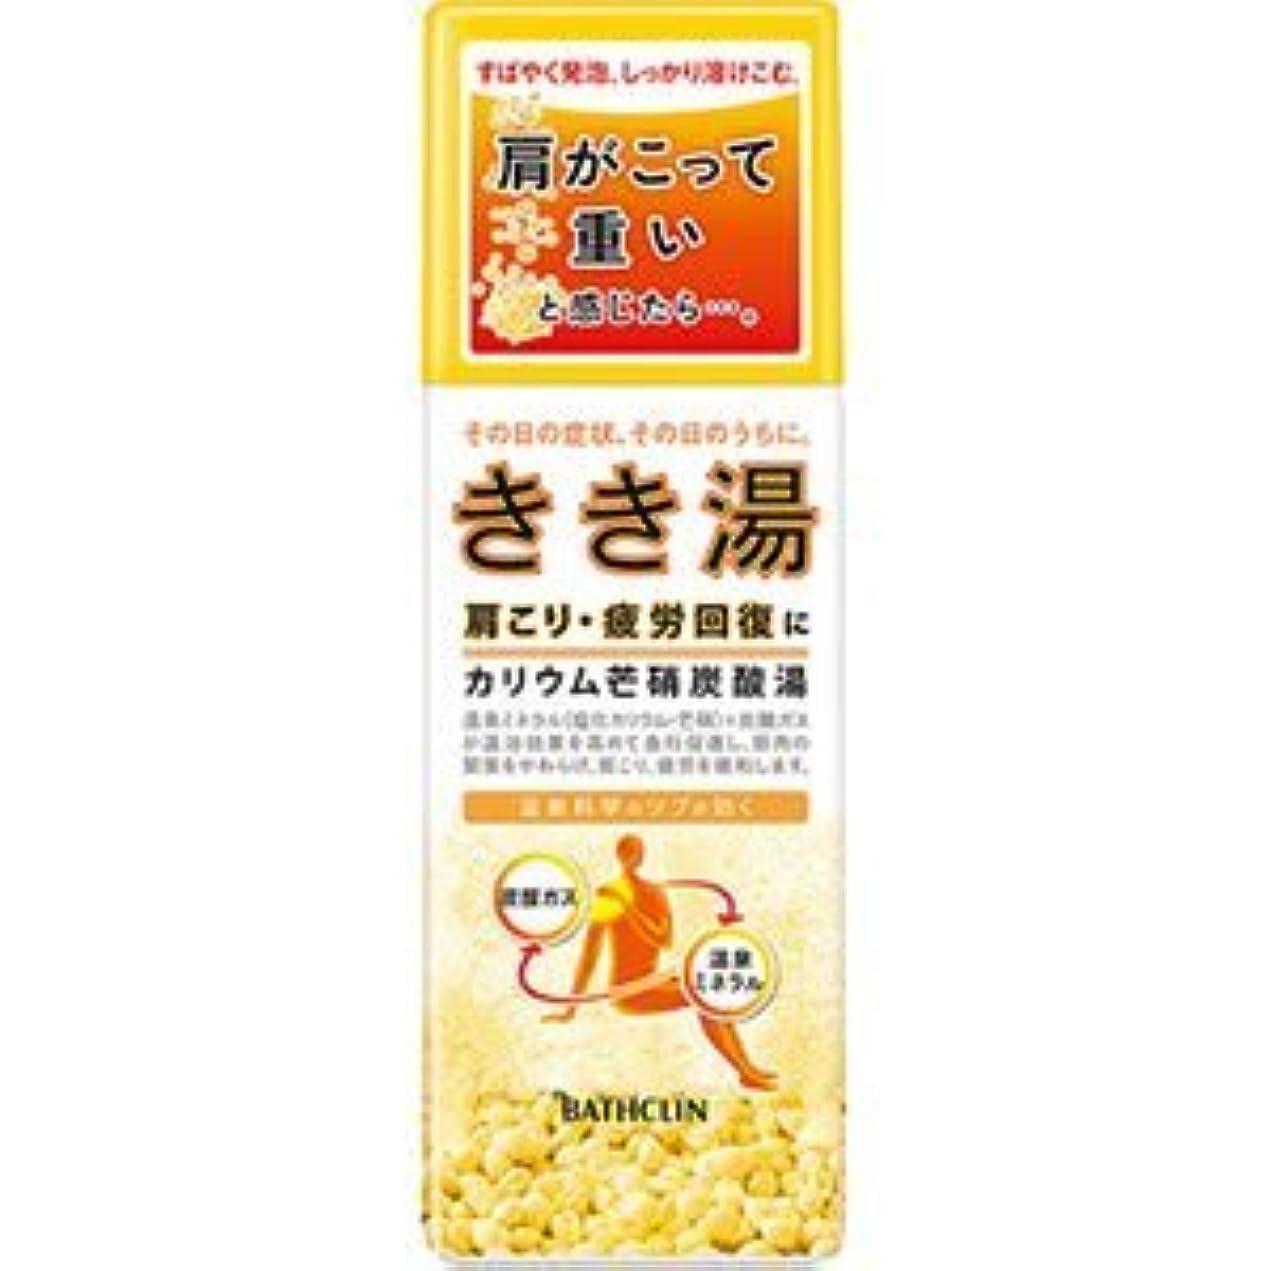 フライカイト敬の念豊かにする(バスクリン)きき湯 カリウム芒哨炭酸湯 360g(お買い得3個セット)(医薬部外品)